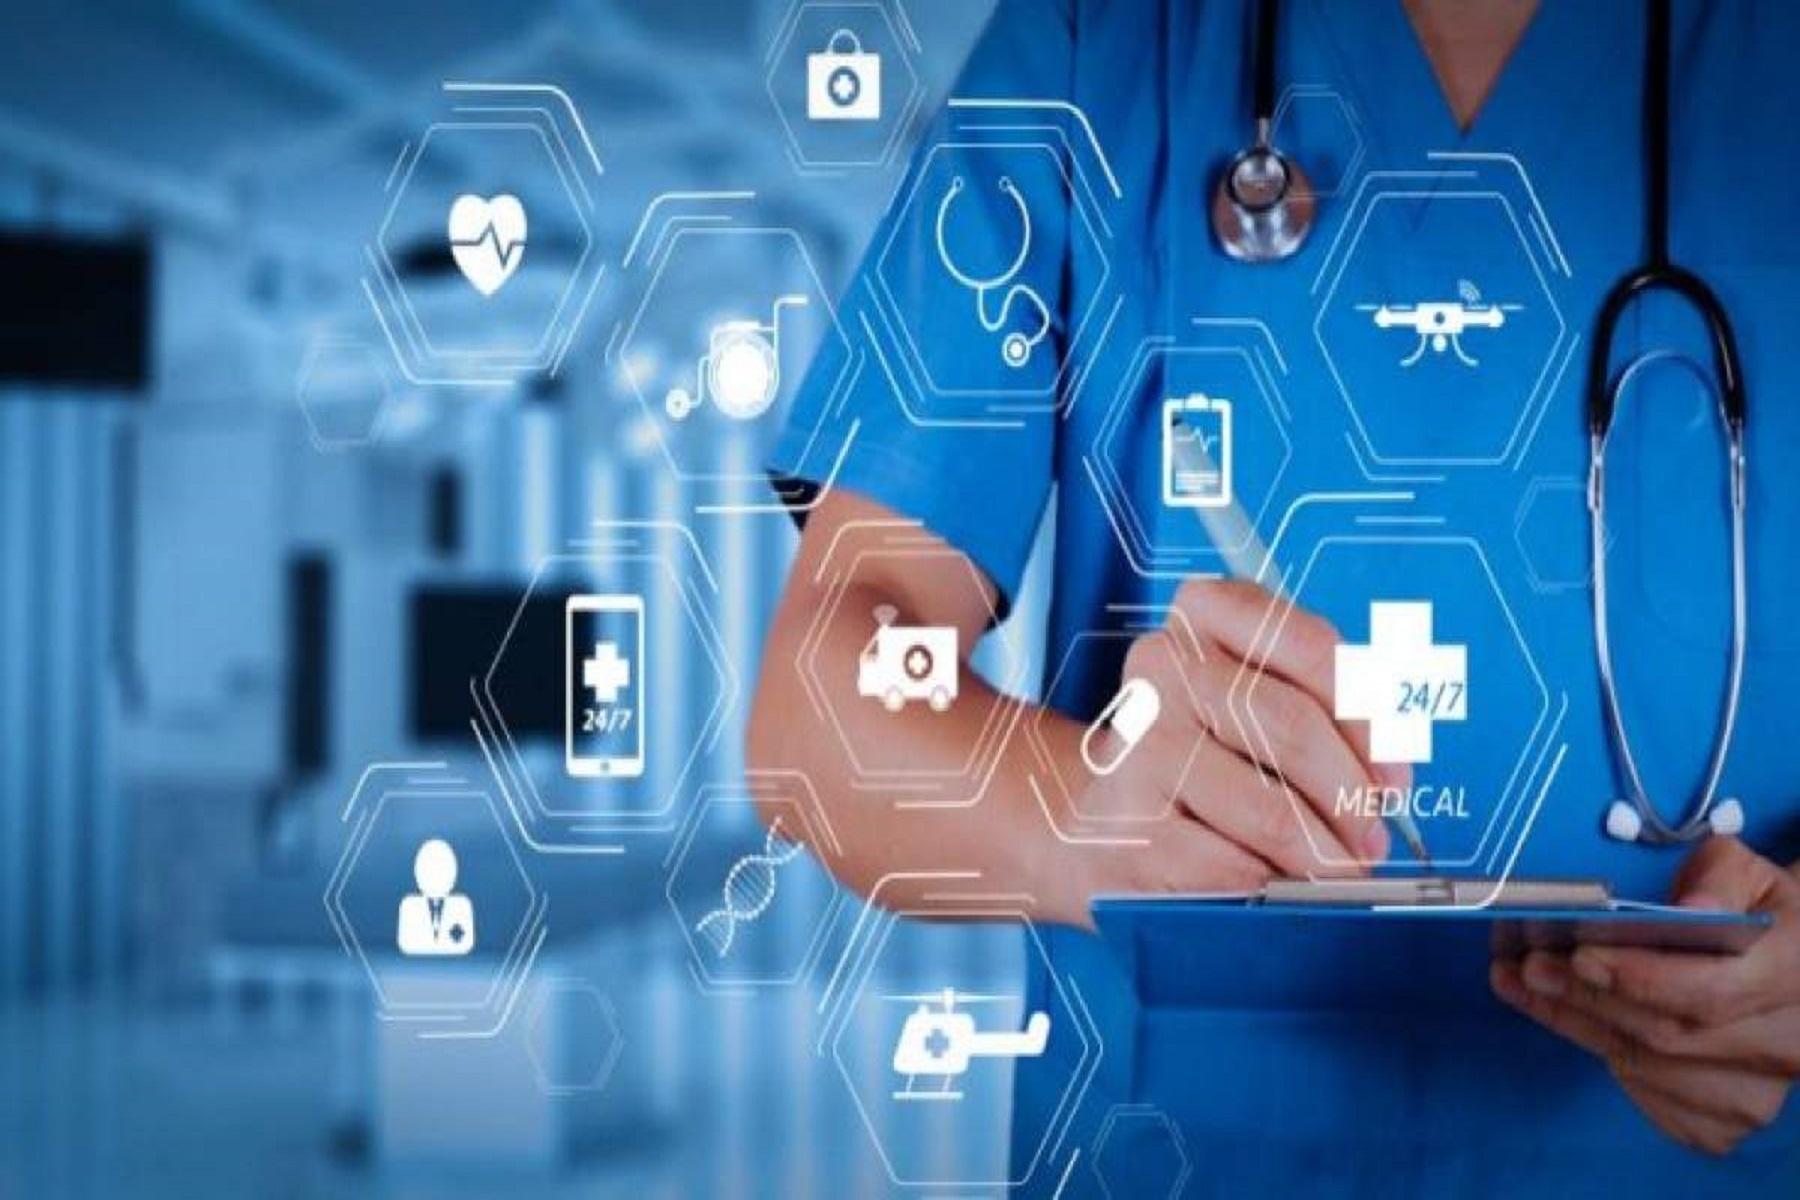 Υγειονομική Περίθαλψη: Πώς η COVID-19 προωθεί την καινοτομία και τη διαλειτουργικότητα